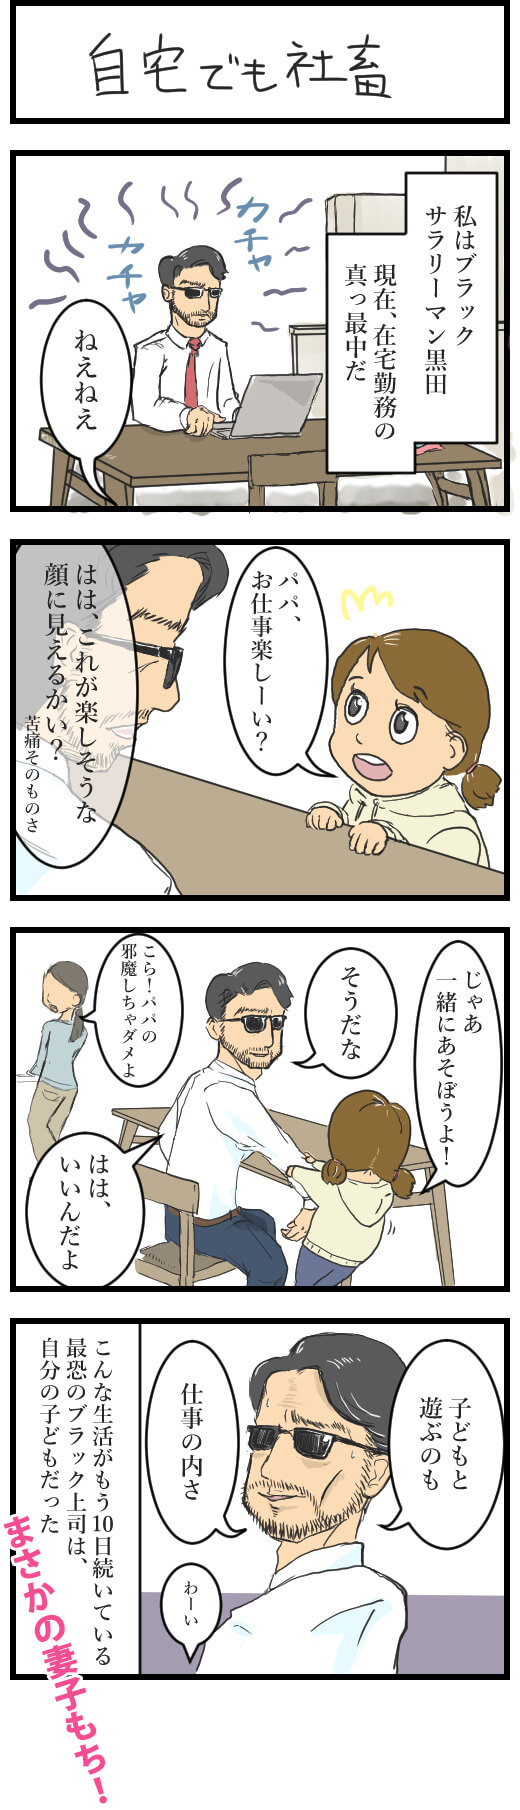 漫画 ブラックサラリーマン黒田第5話